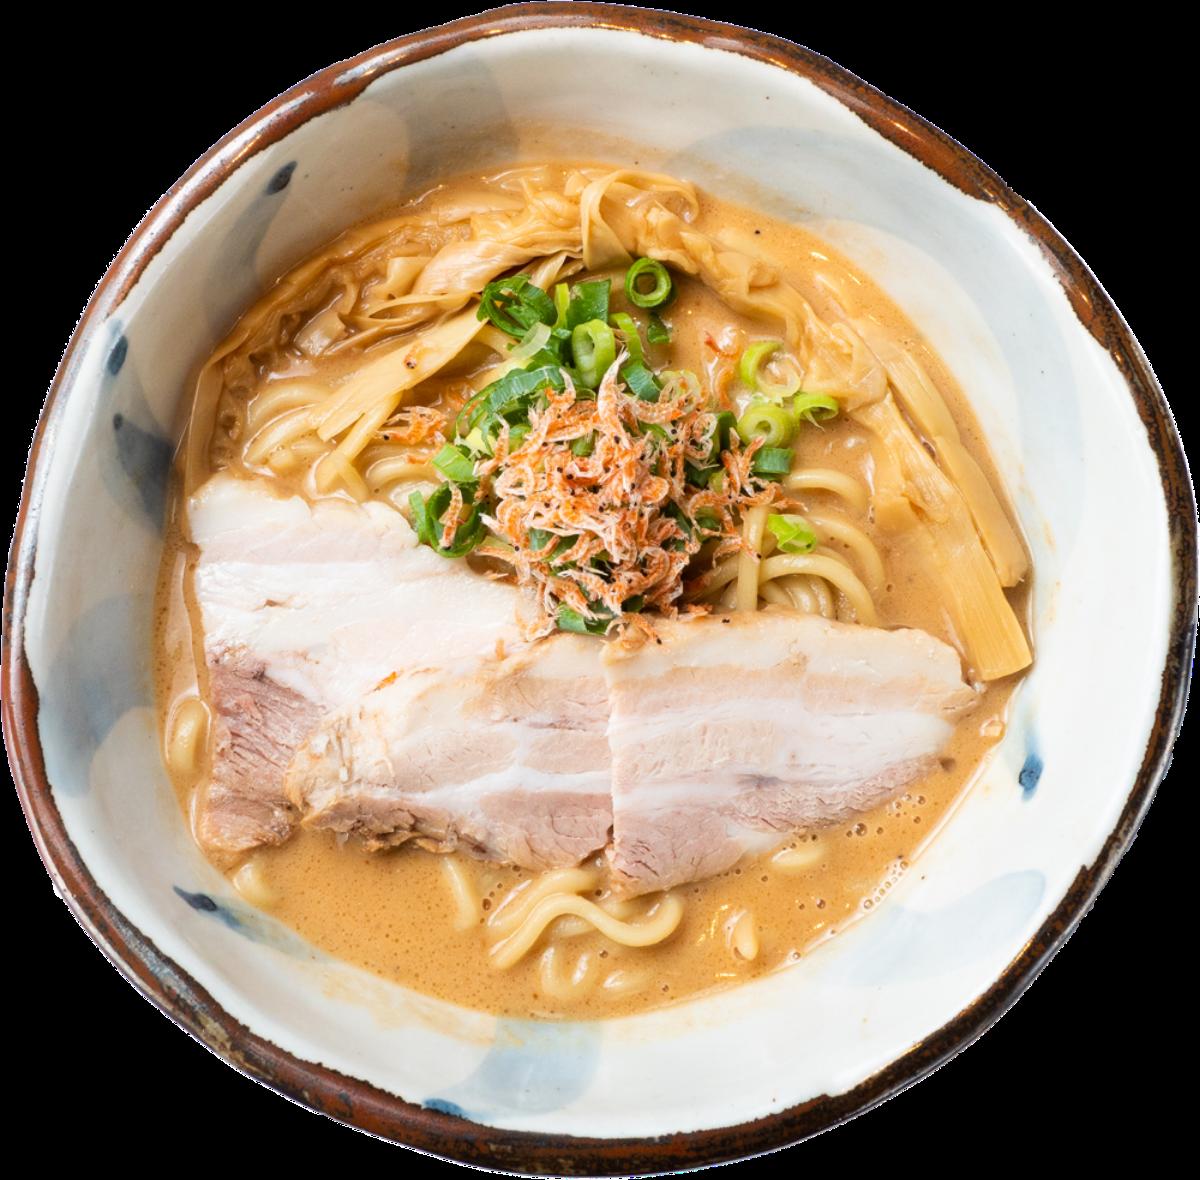 濃厚エビ味噌ラーメン - 潮の風吹くラーメン ハナヤマZ